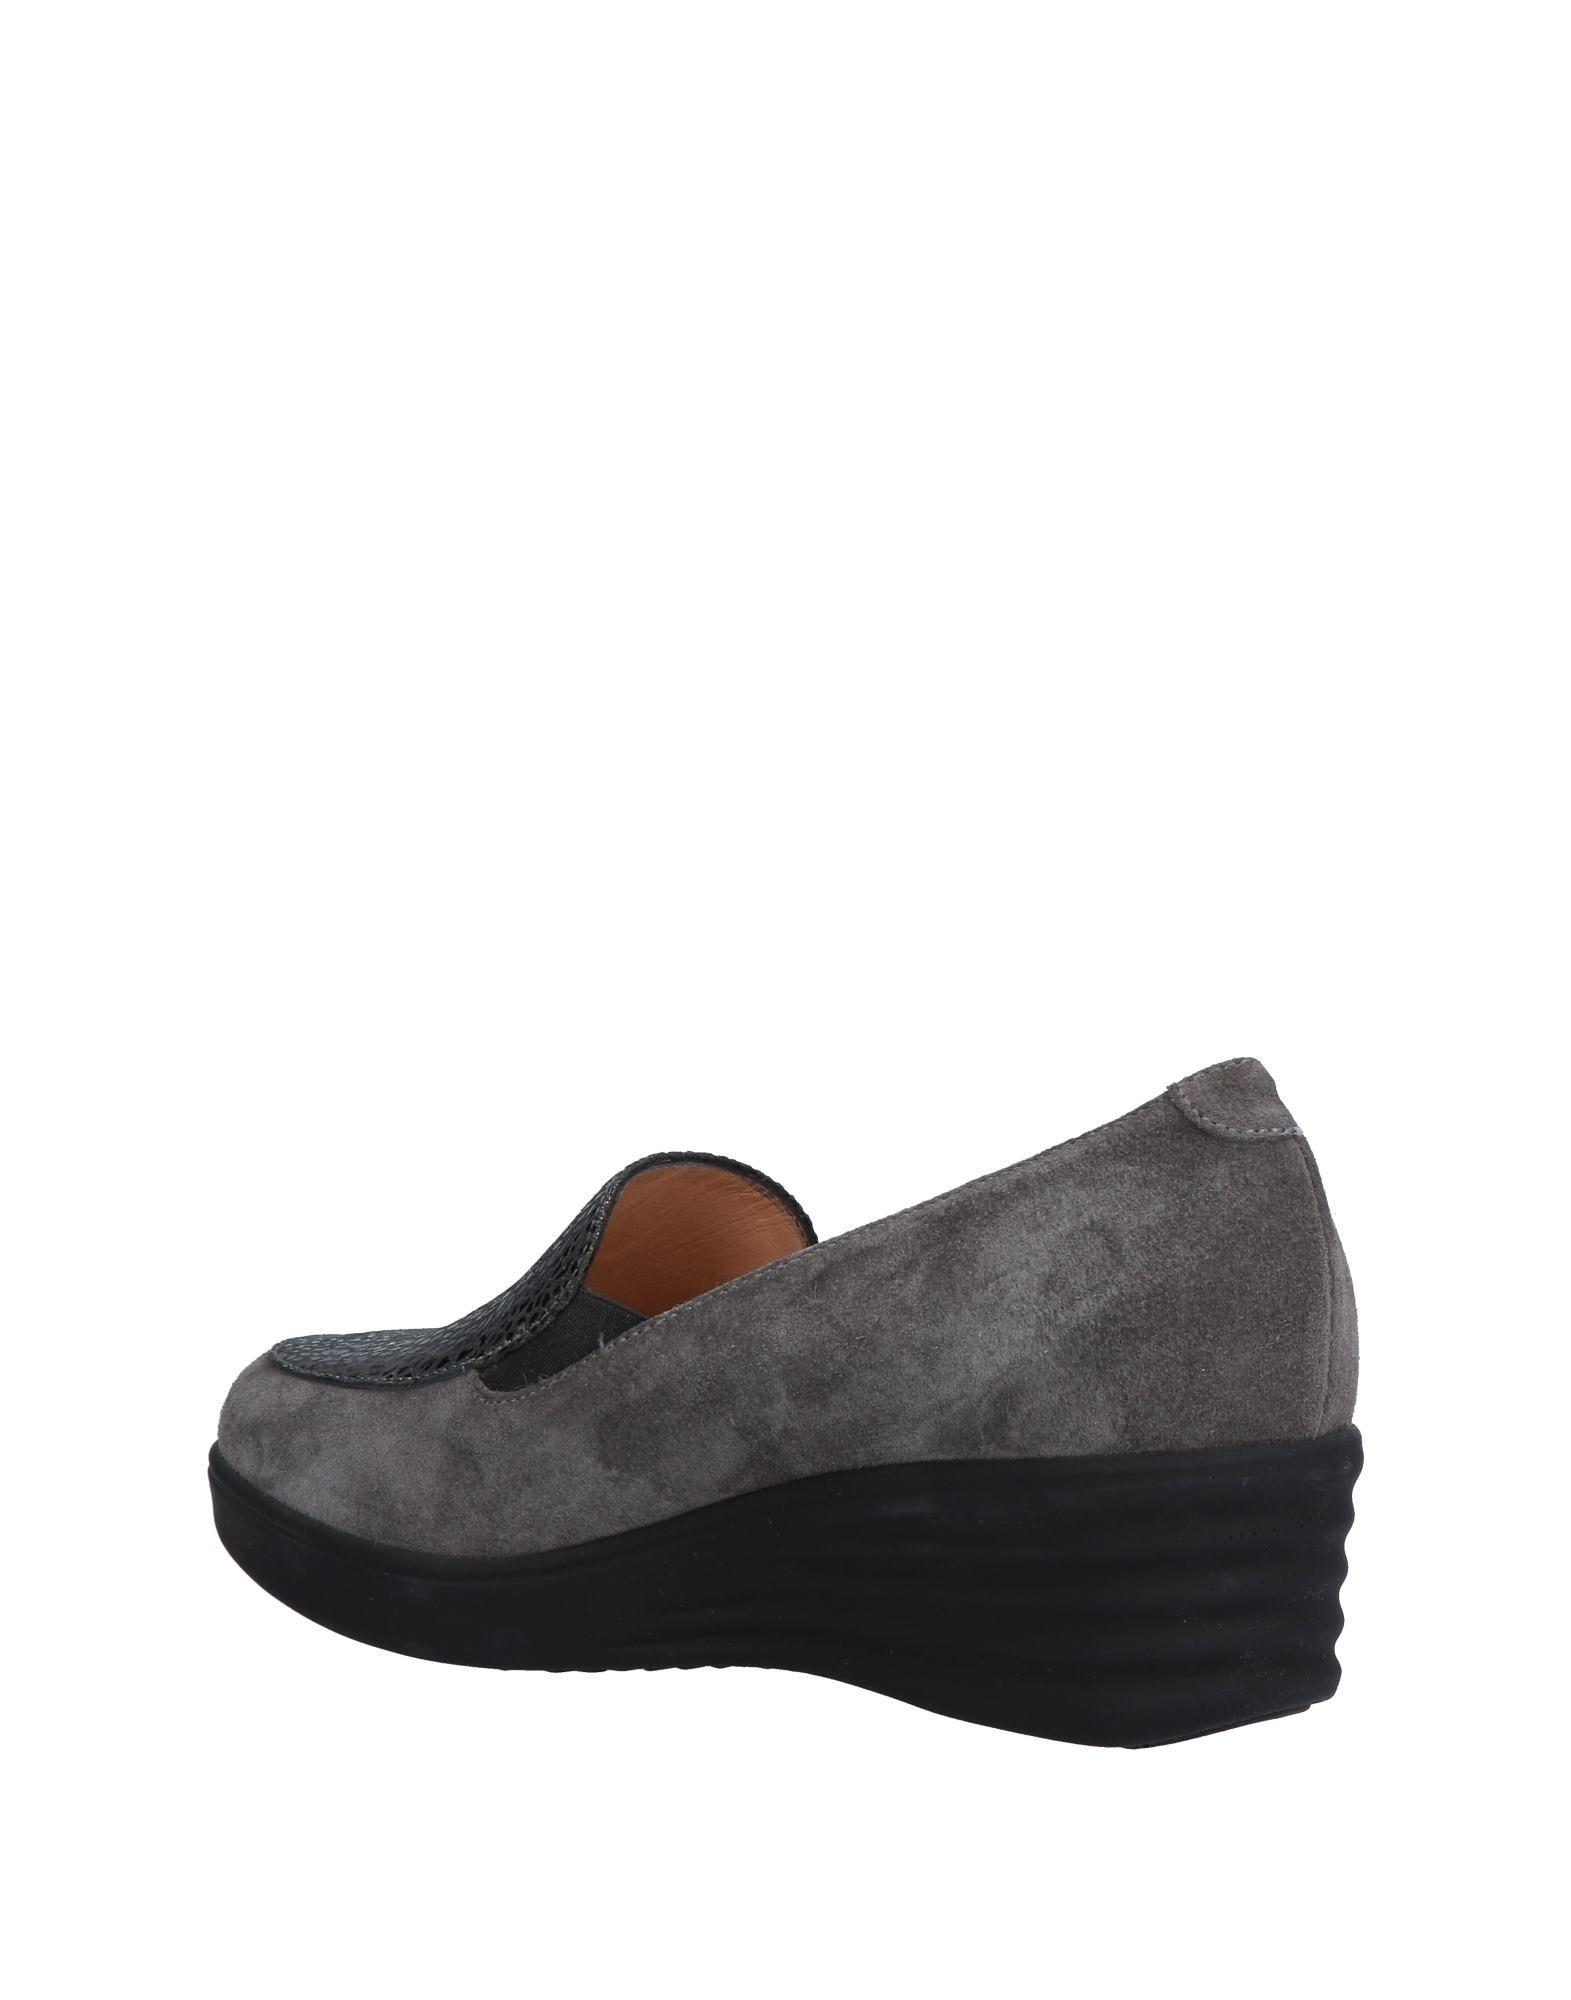 Donna Soft Mokassins Damen beliebte  11487074VP Gute Qualität beliebte Damen Schuhe b29ba5